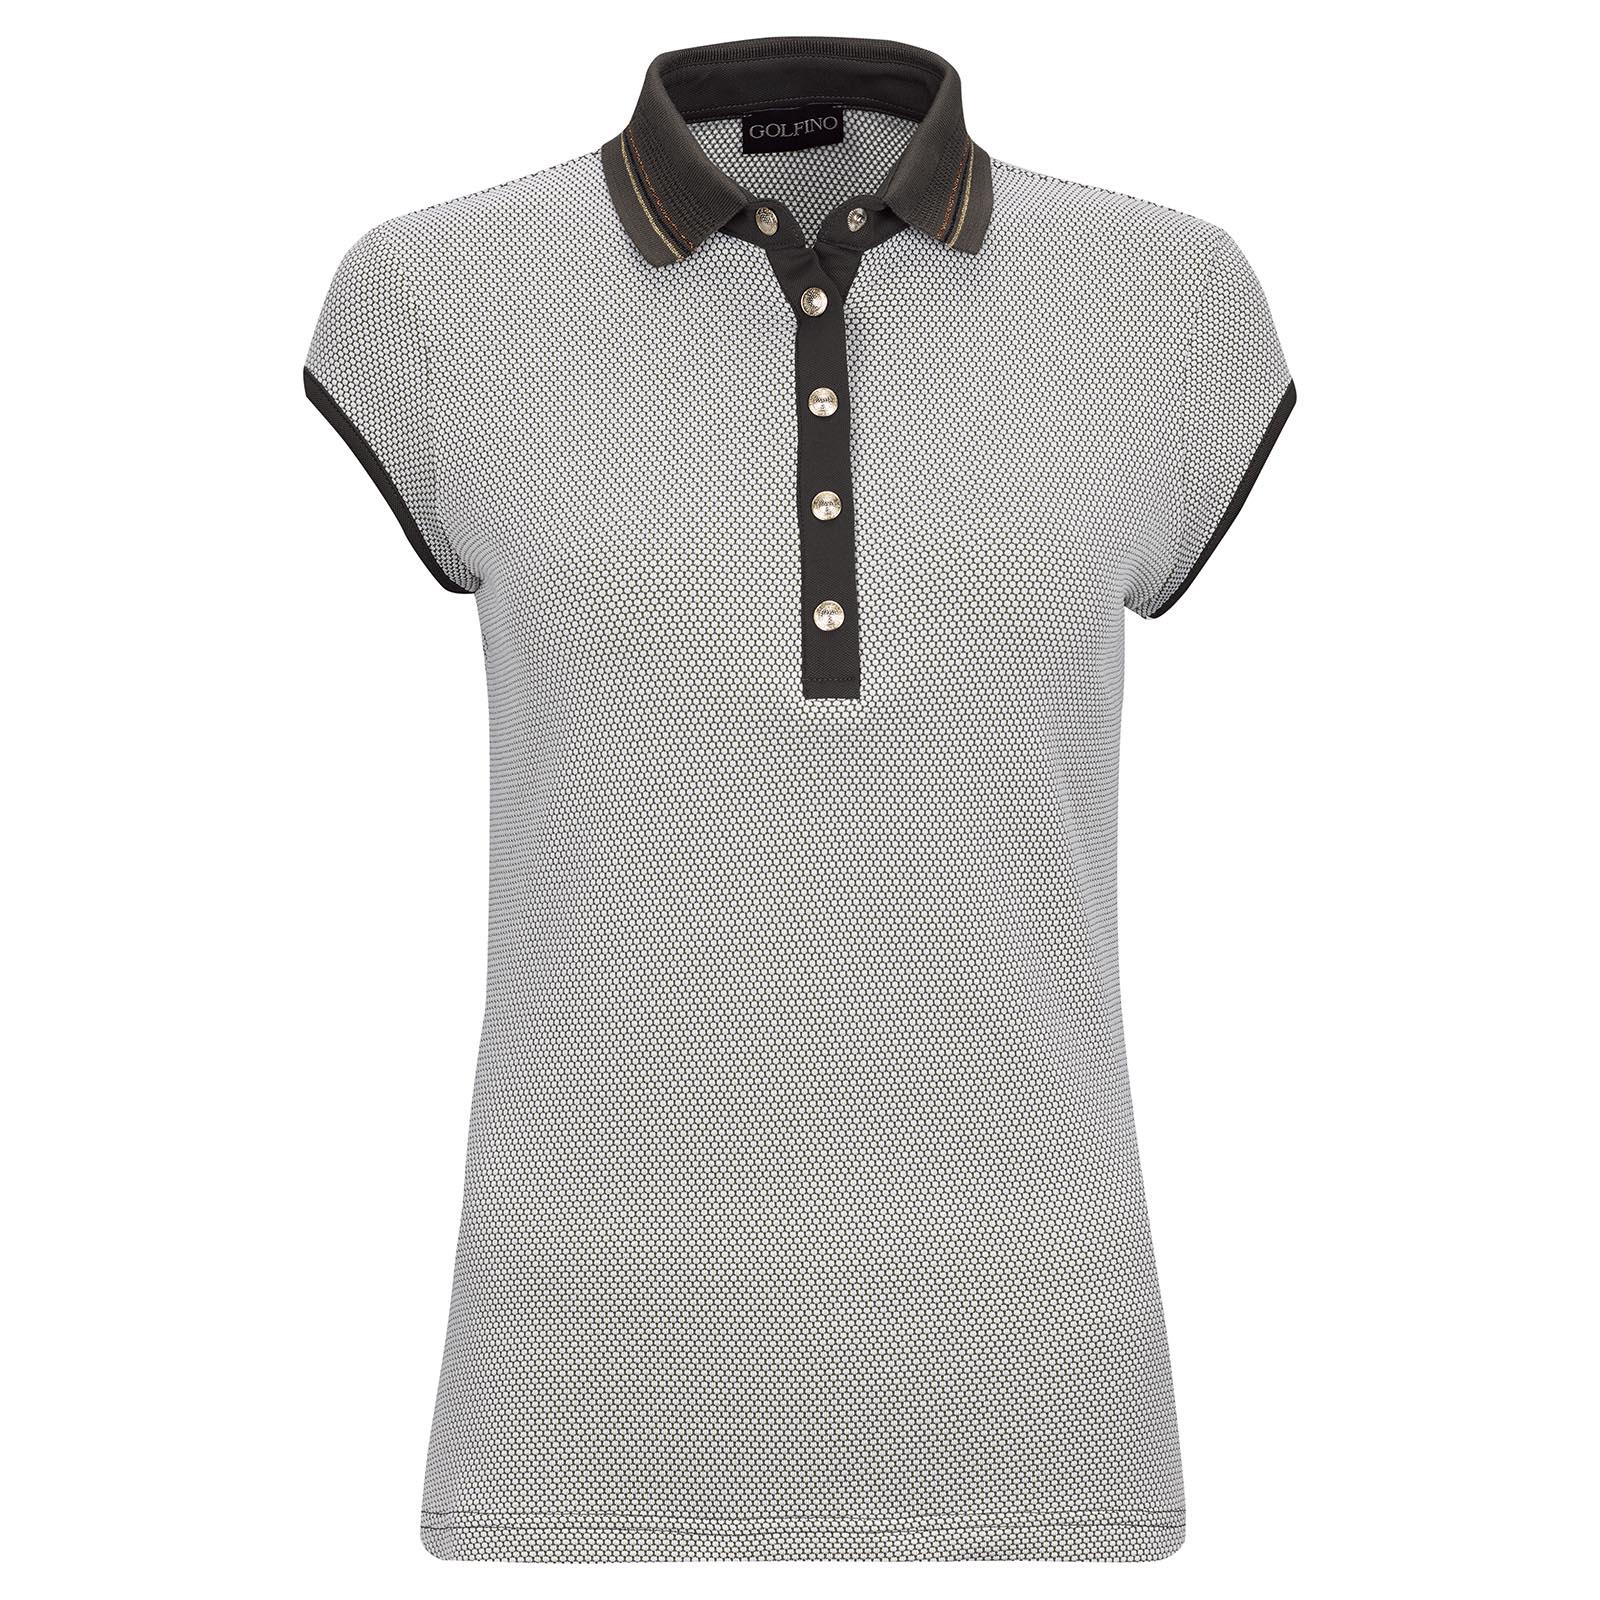 Damen Funktions-Golfpolohemd aus hochwertigem Bubble Jacquard